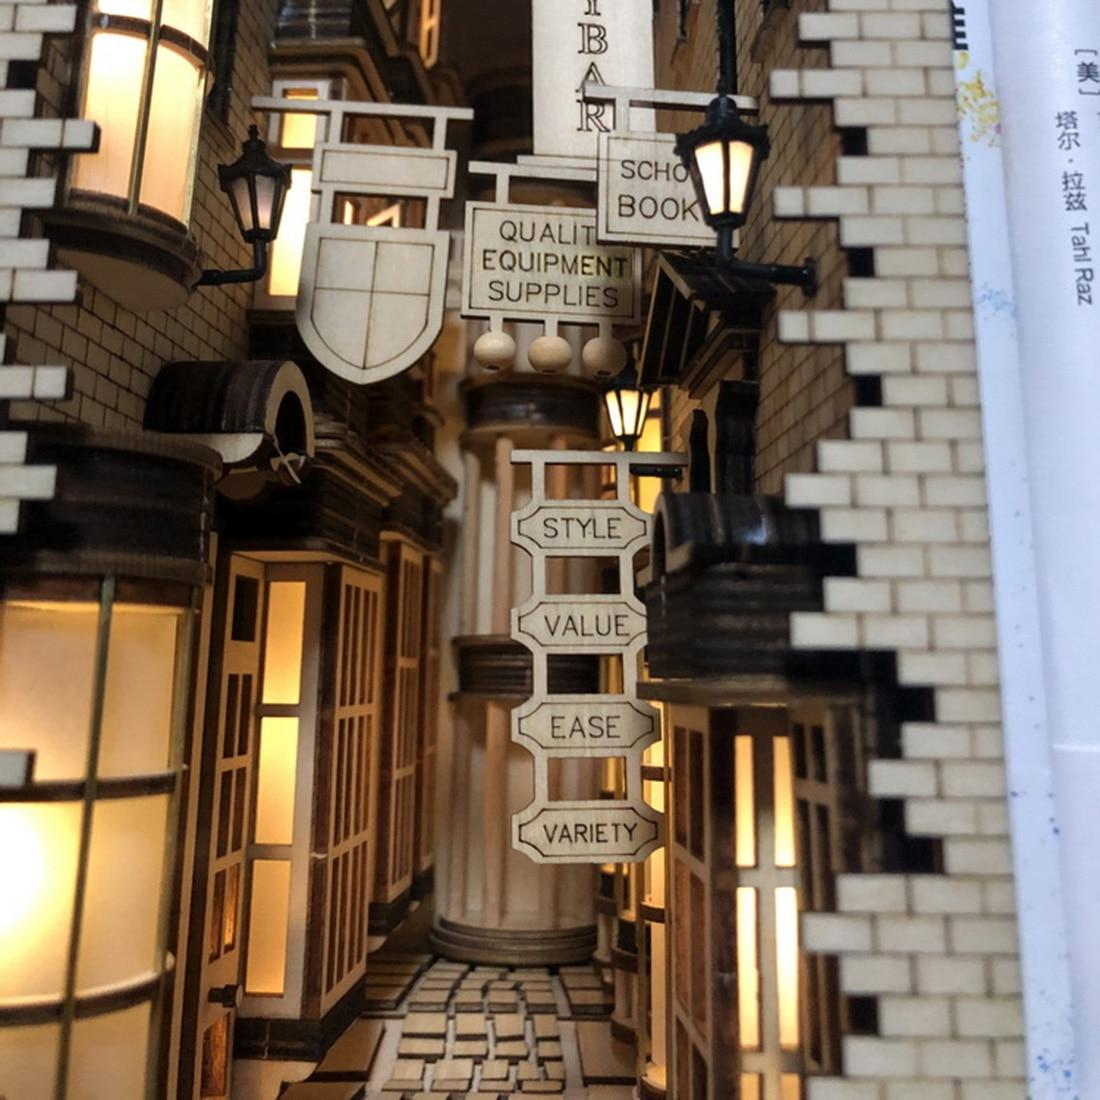 H551e0cd7114f45c4bd25d846fb0c022fP - Robotime - DIY Models, DIY Miniature Houses, 3d Wooden Puzzle